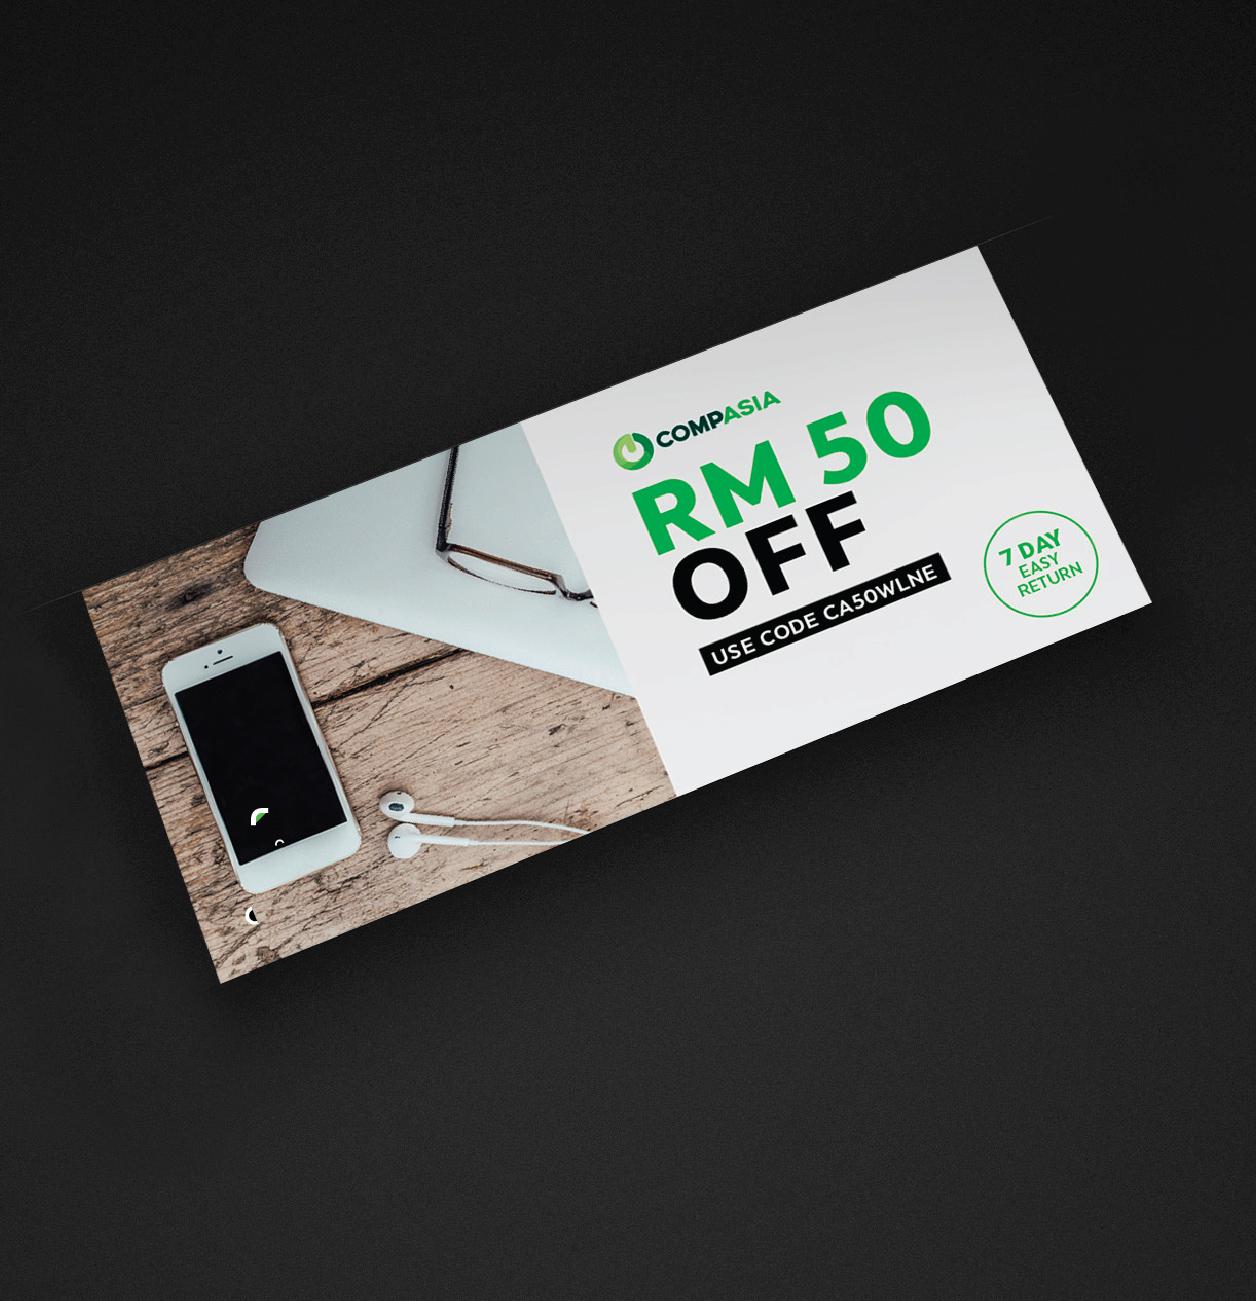 Voucher Design Print Design Ticket Design Graphic Design Front.jpg